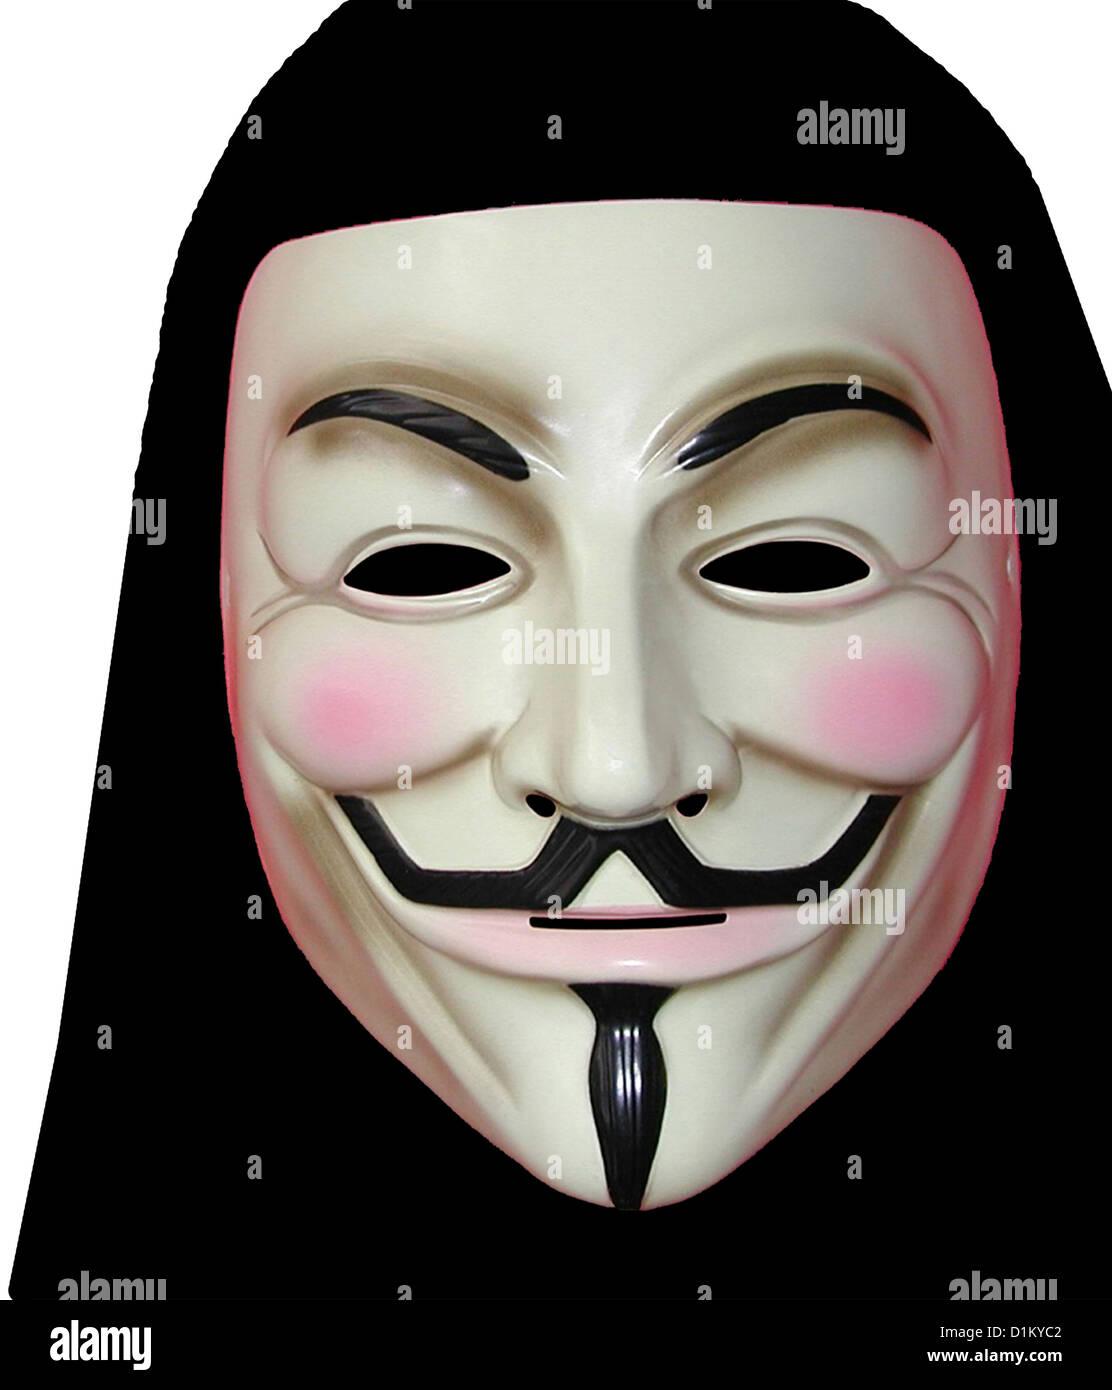 Une illustration d'un homme masqué anonyme des activités symboliques cachés comme hacking Photo Stock